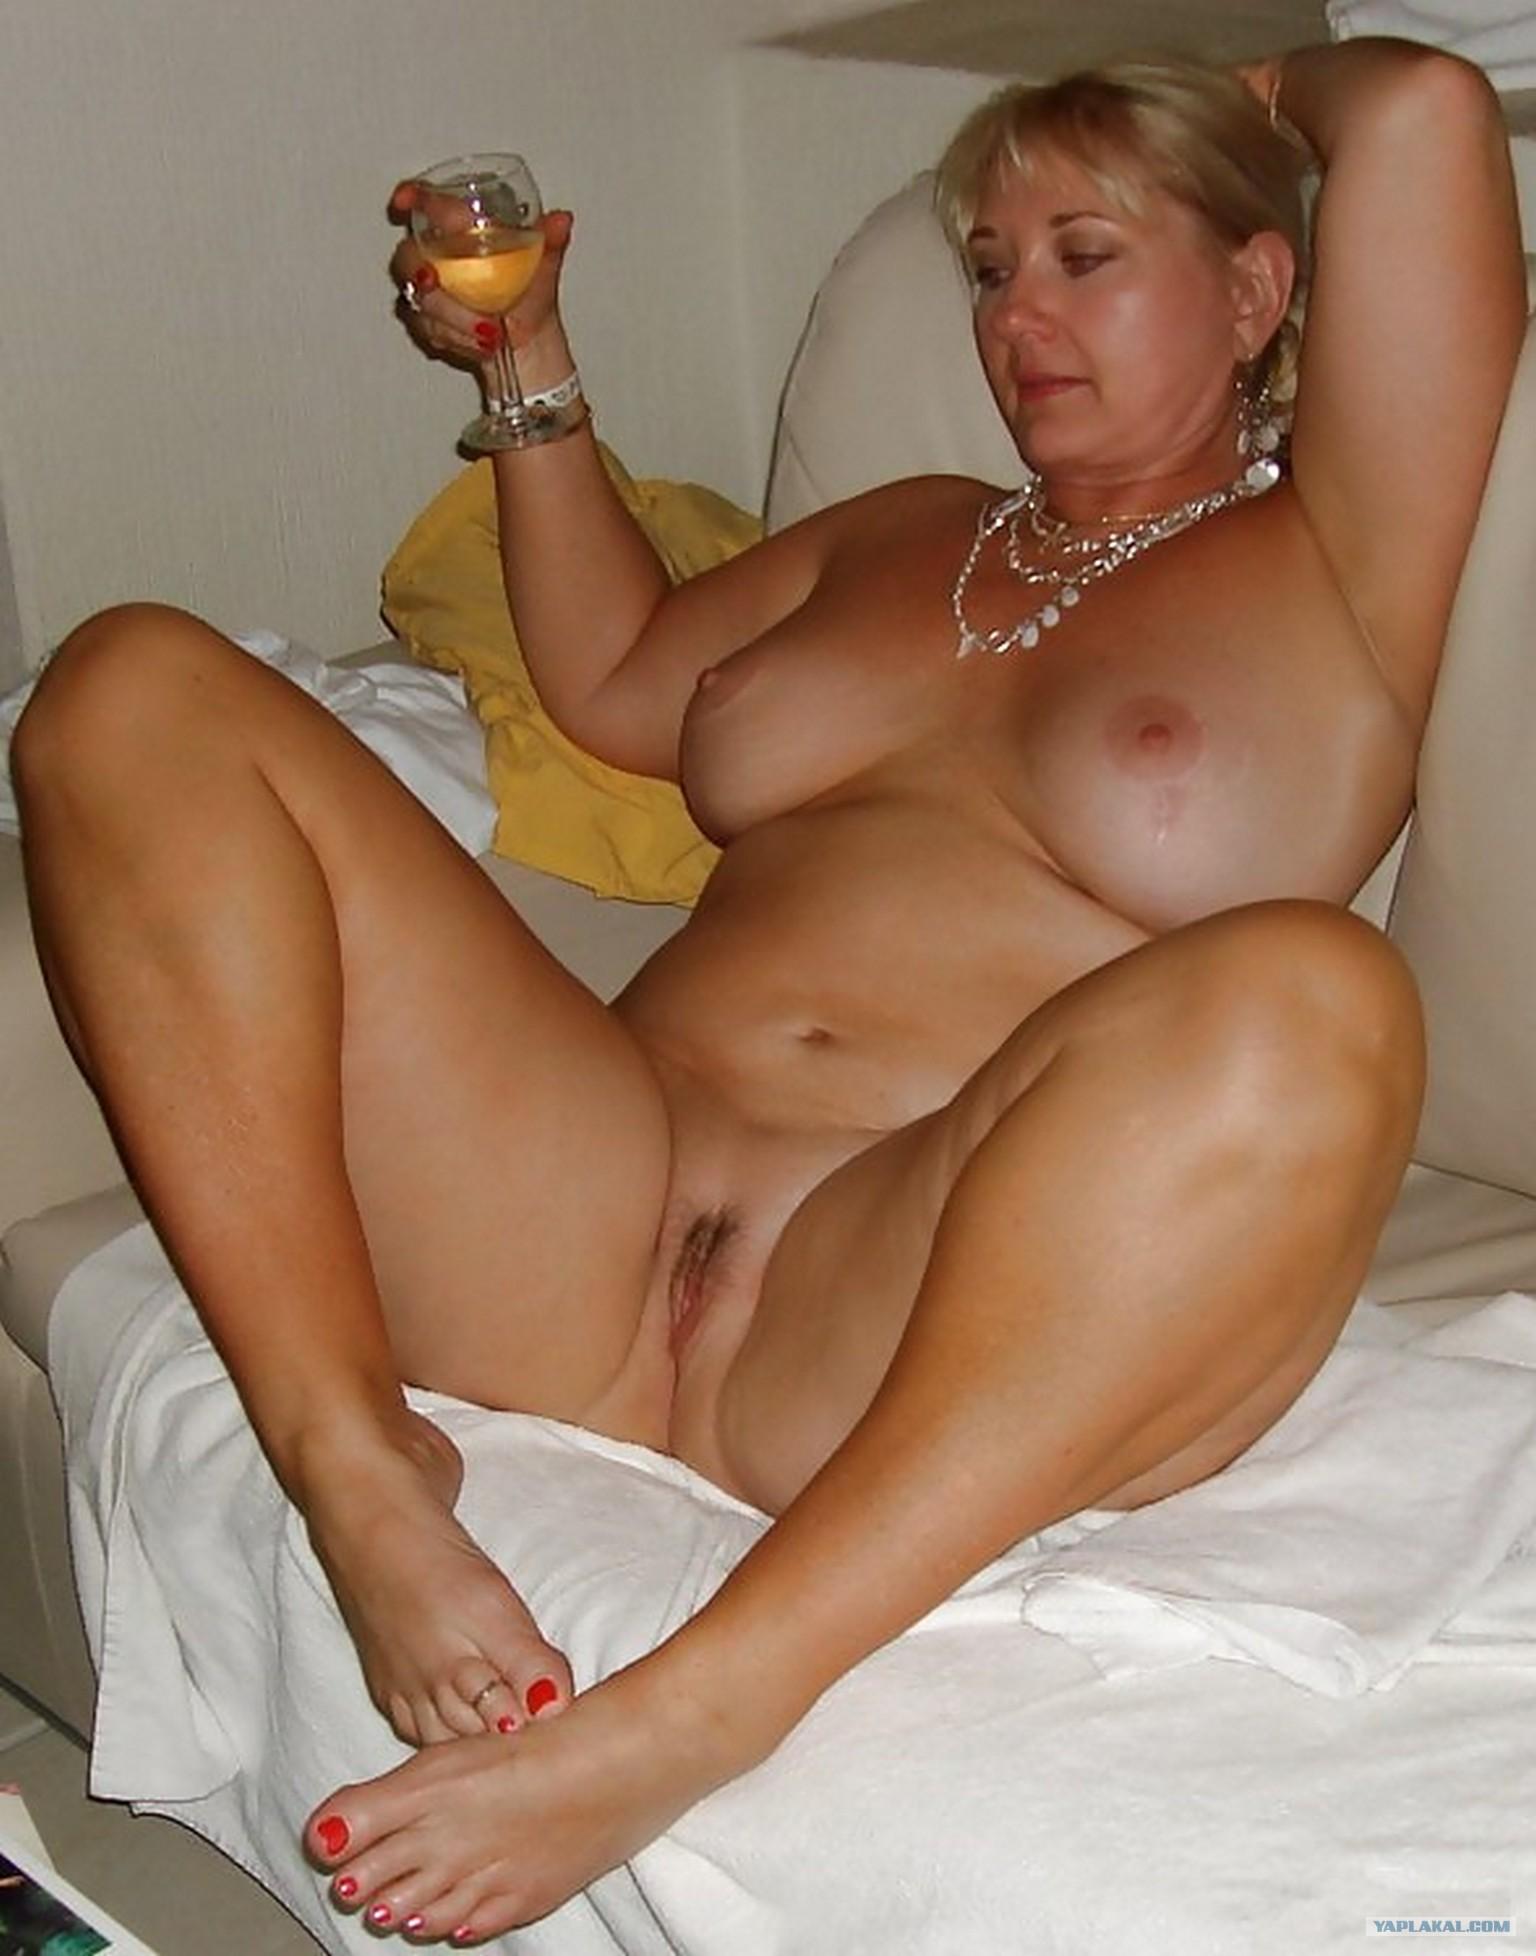 Онлайн порно фото голых женщин